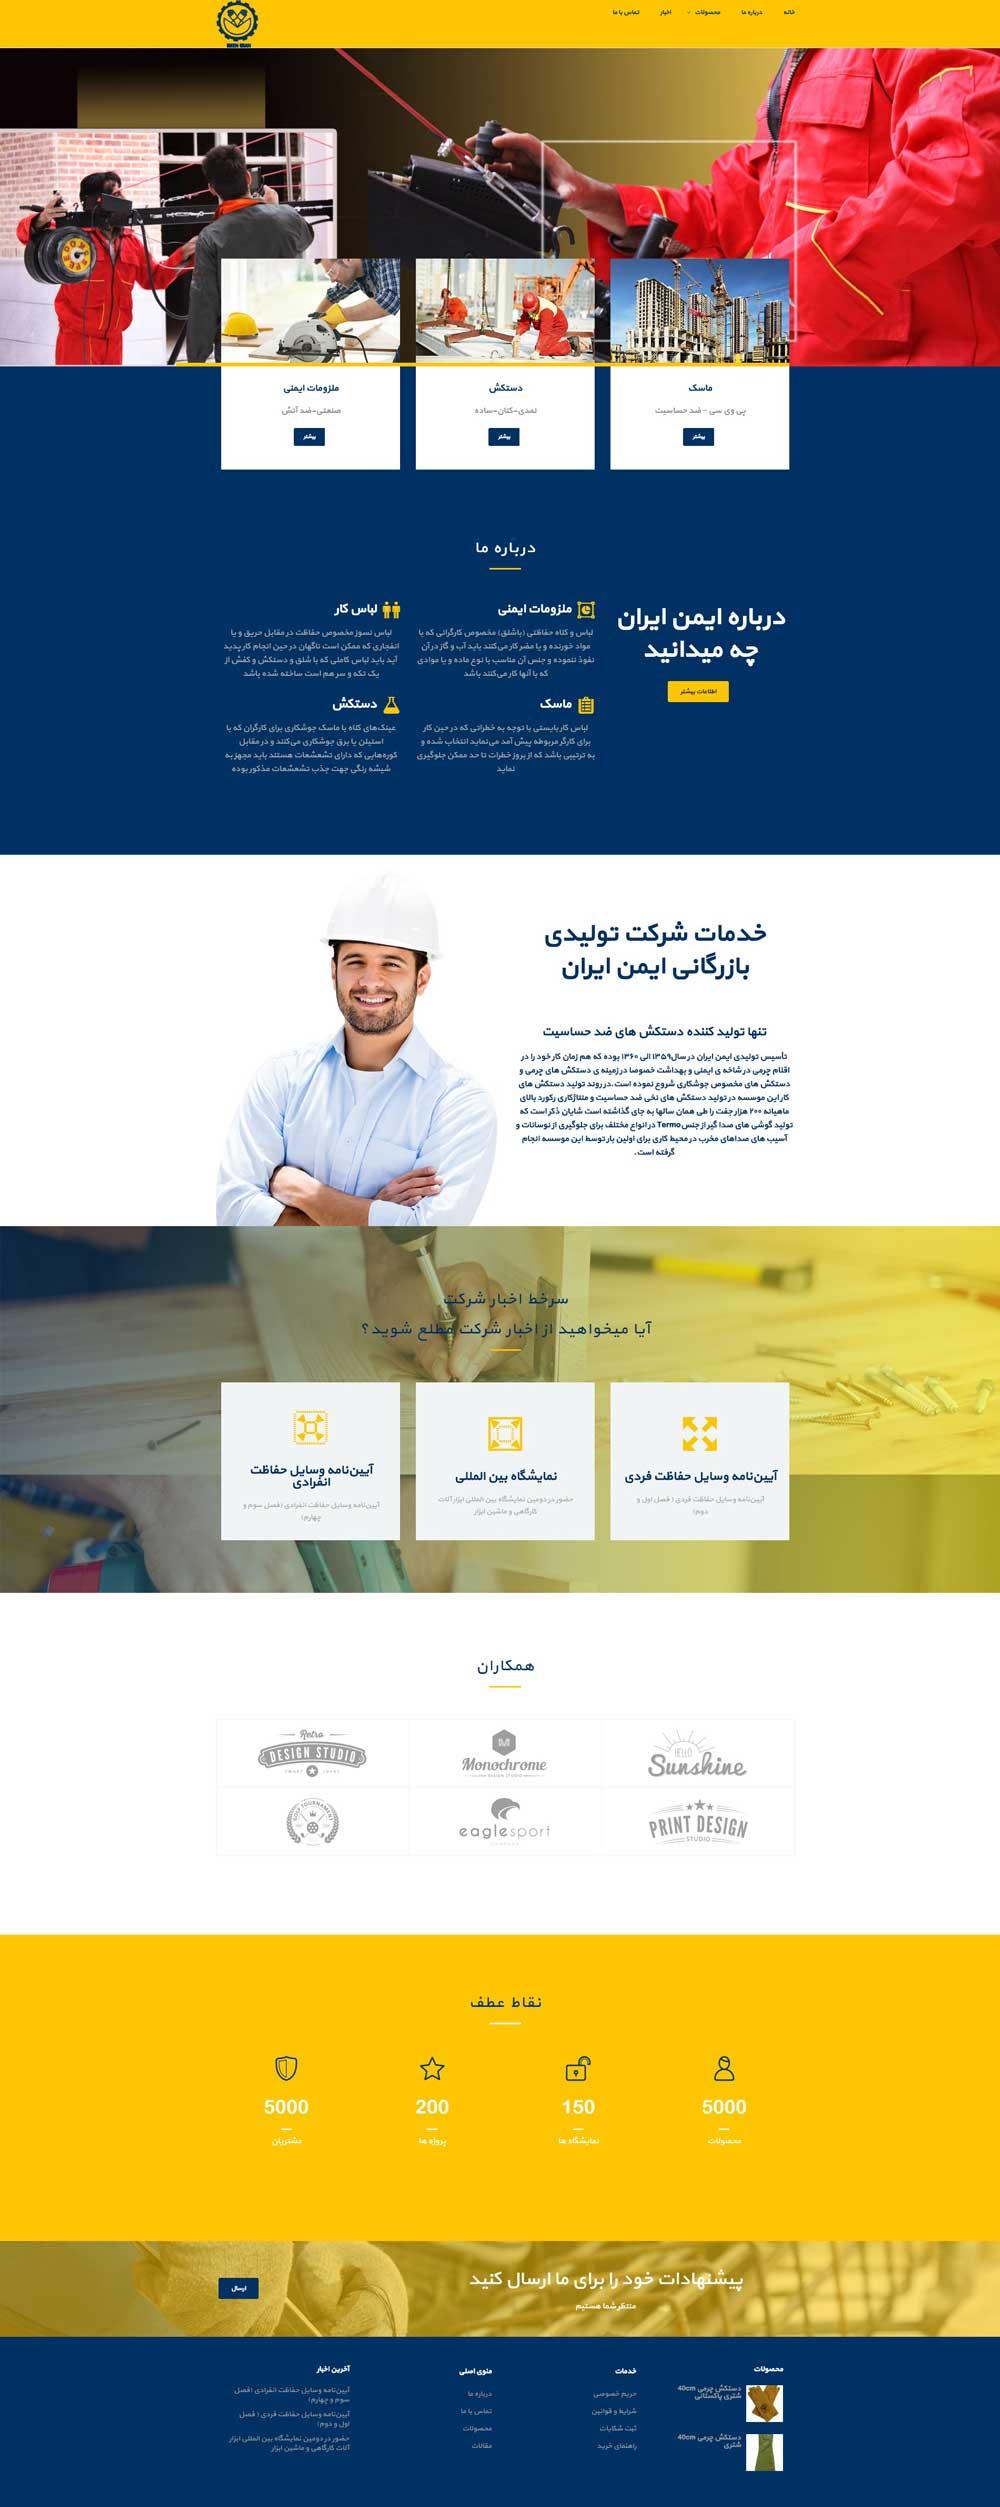 وب سایت شرکتی